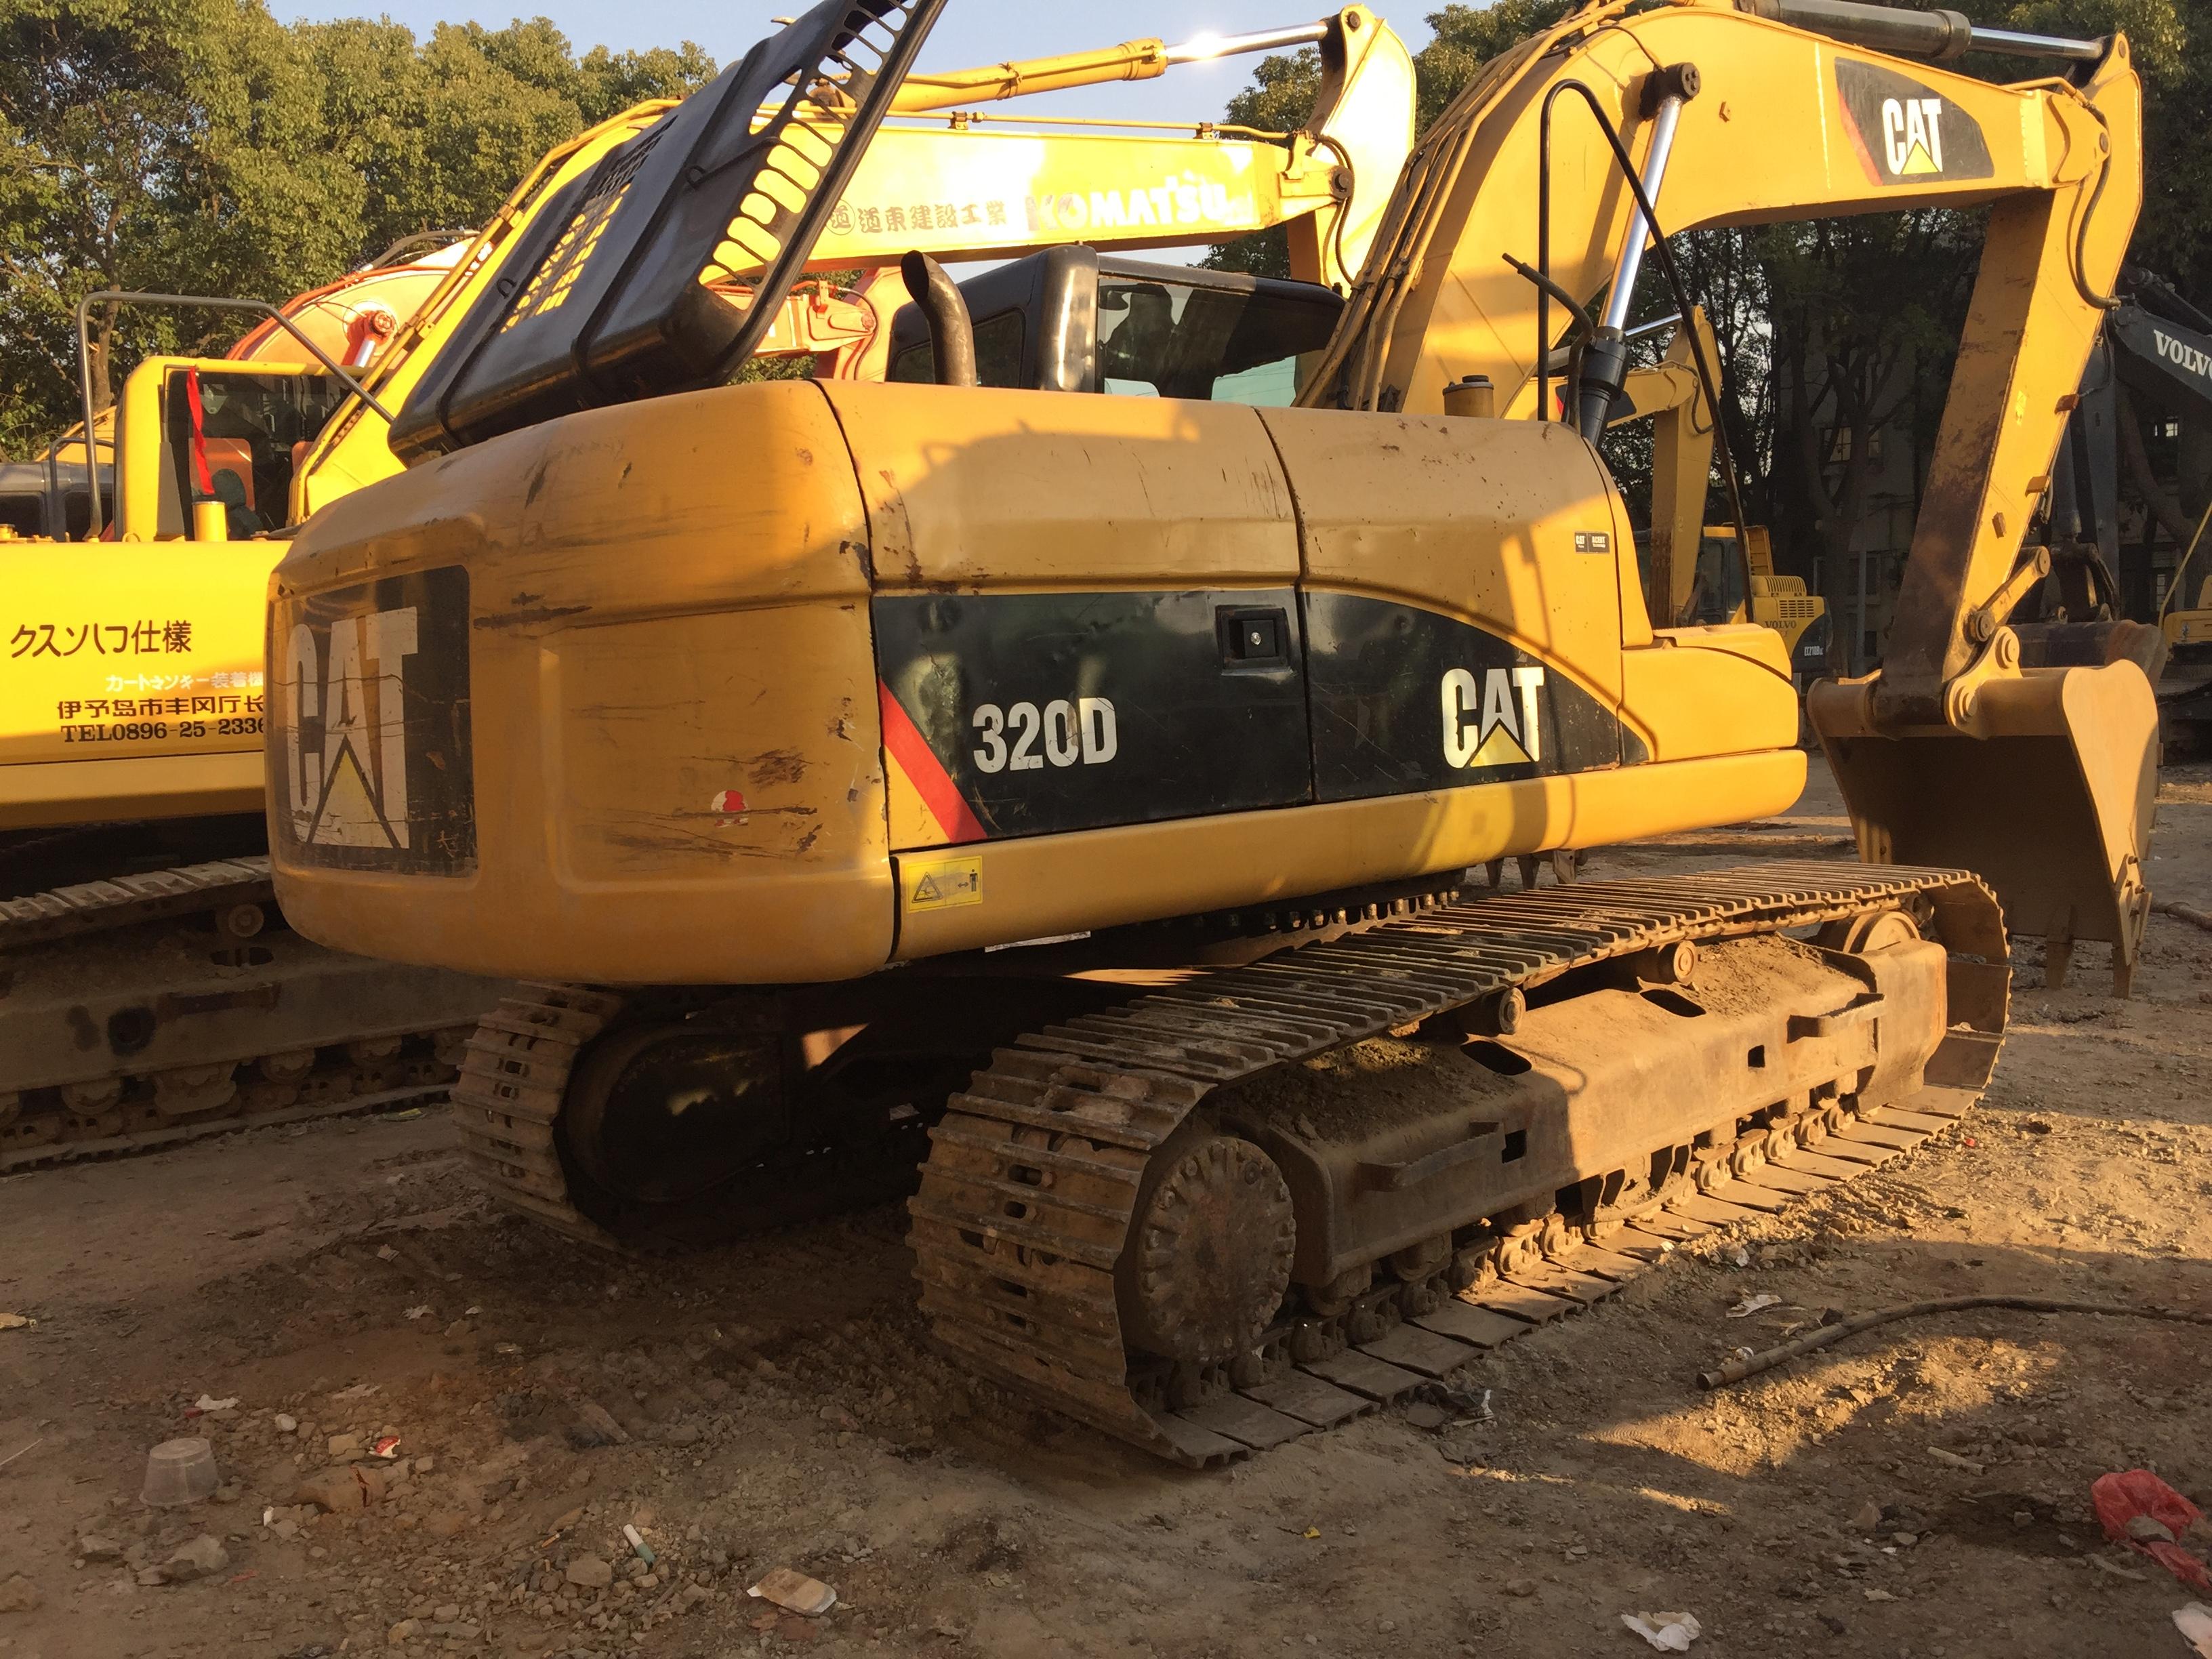 卡特挖掘机 二手卡特320D挖掘机